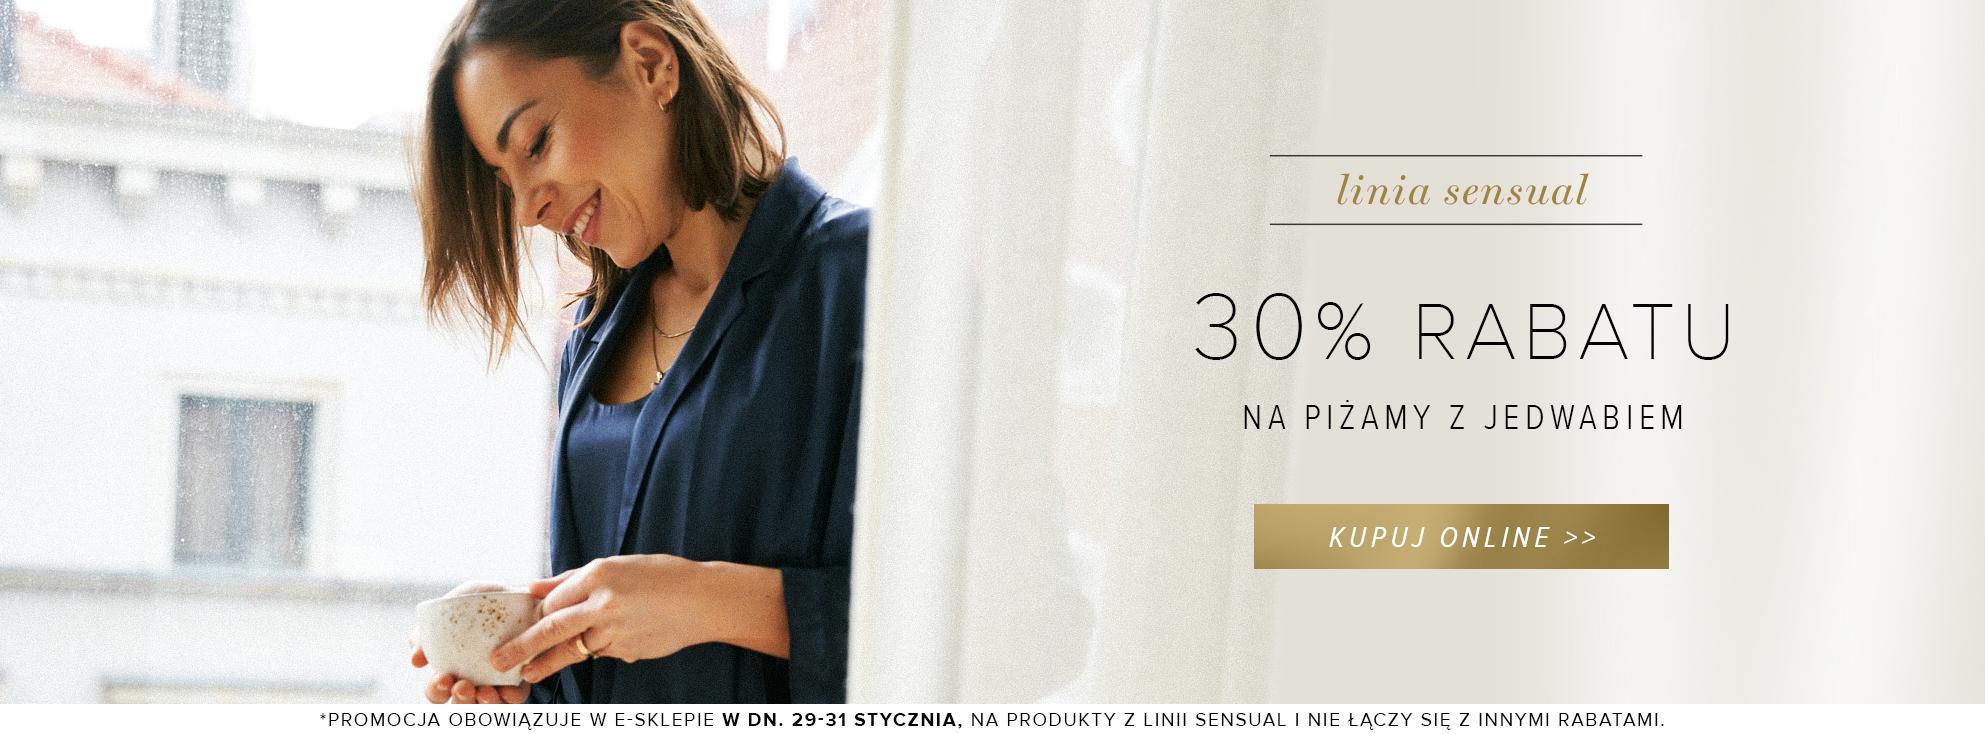 Patrizia Aryton: 30% rabatu na piżamy z jedwabiem